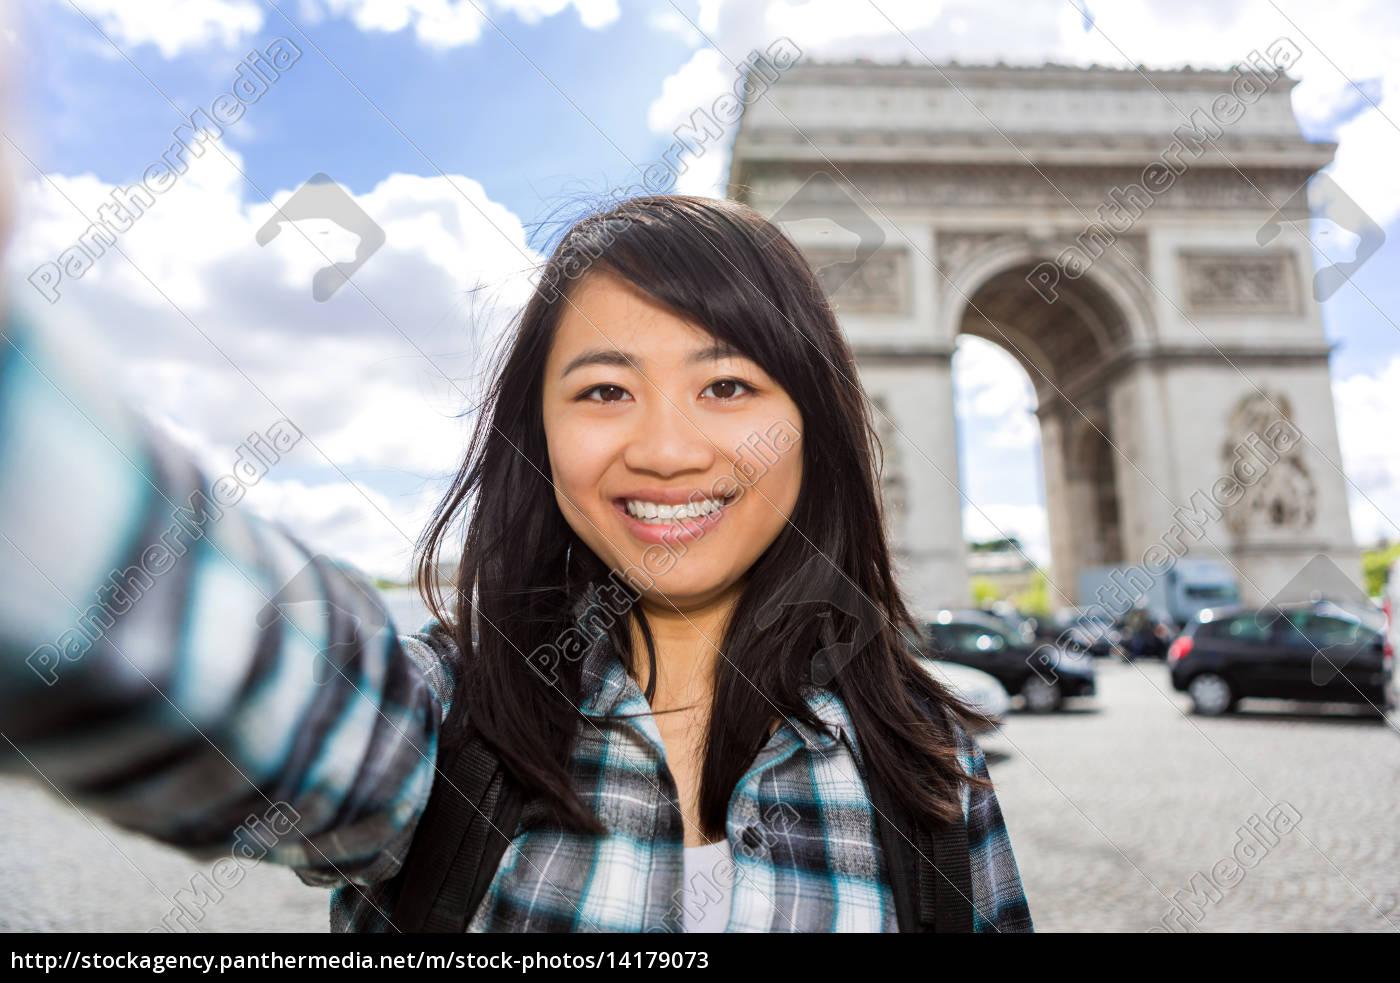 junge, attraktive, asiatische, touristen, in, paris - 14179073